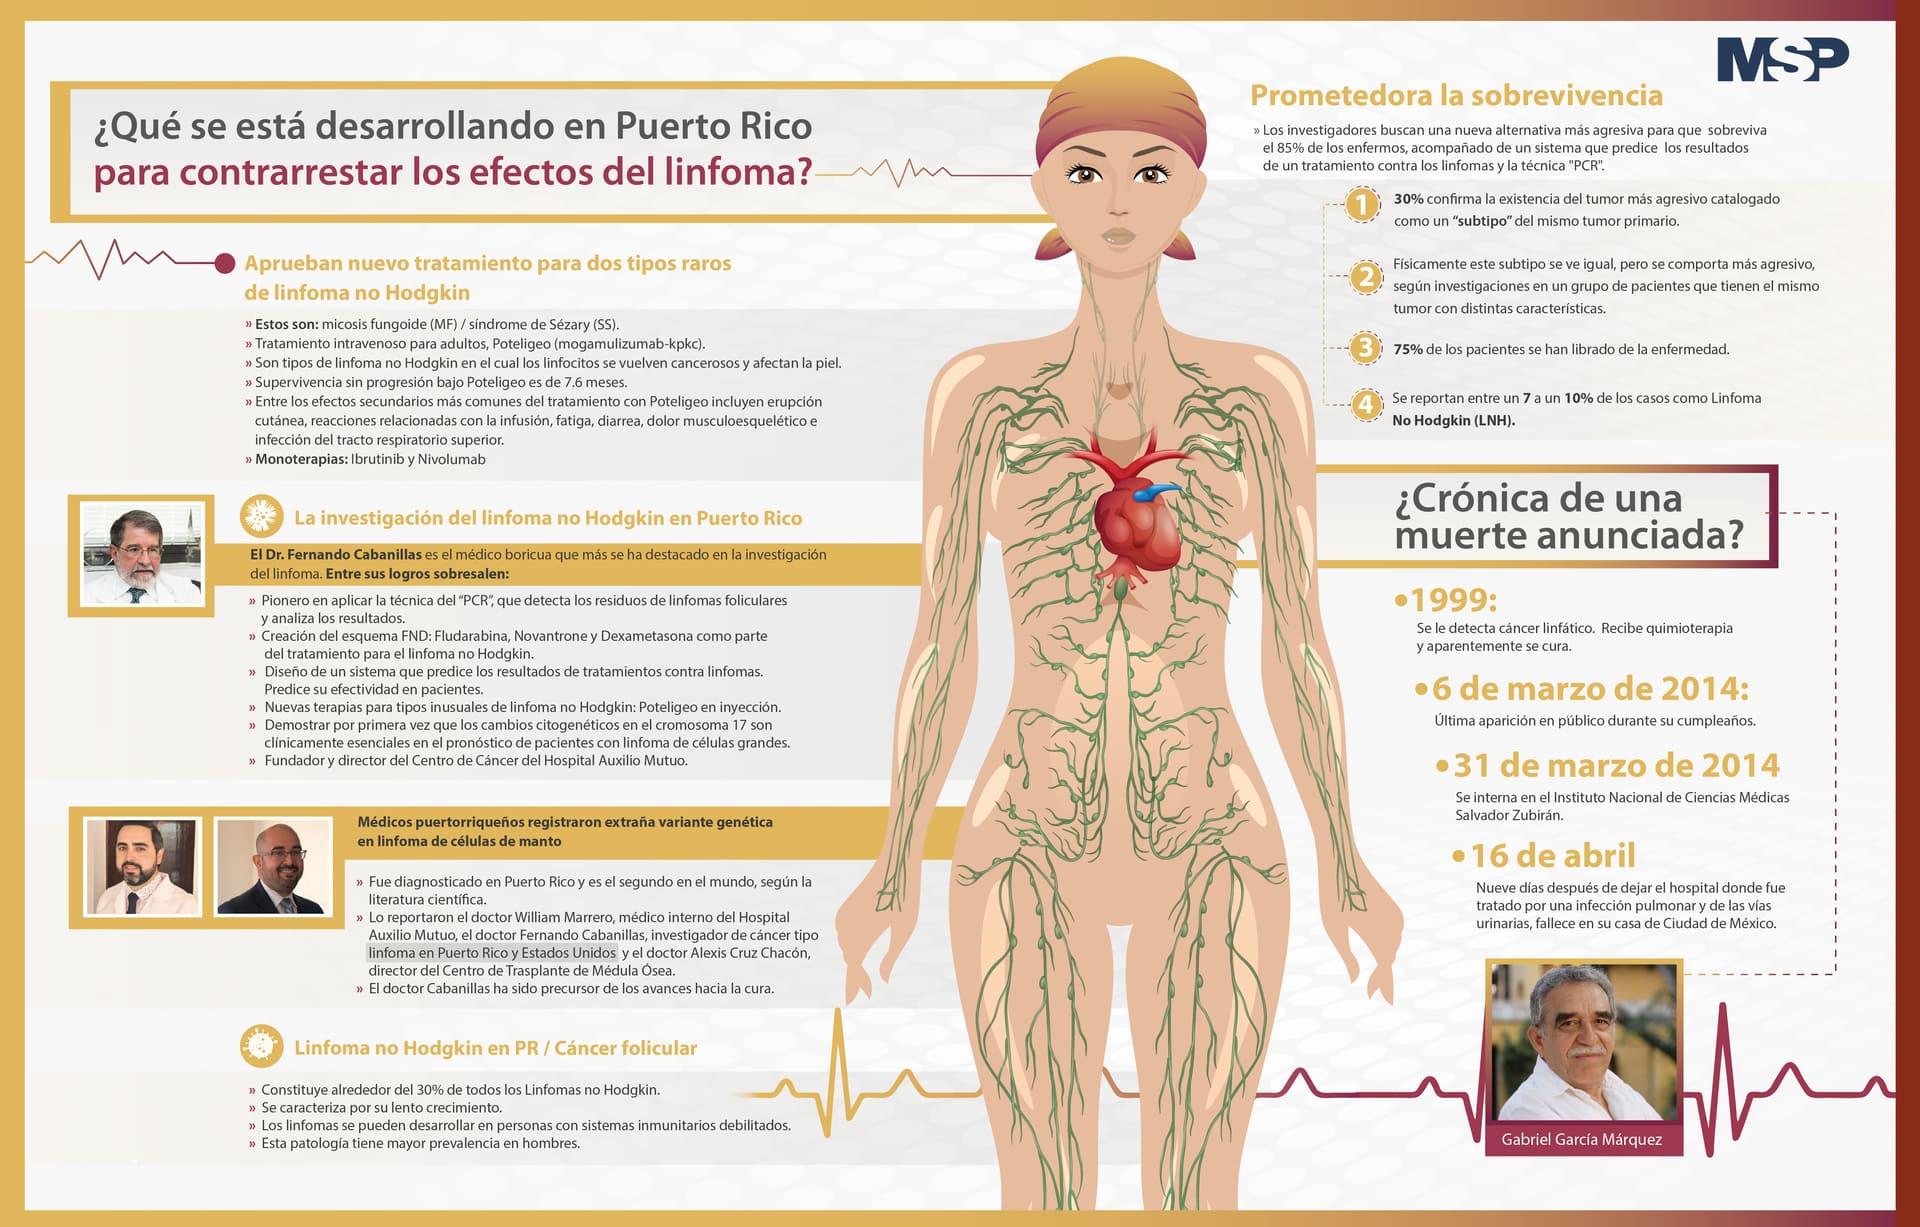 ¿Qué se está desarrollando en Puerto rico para contrarrestar los efectos del linfoma?